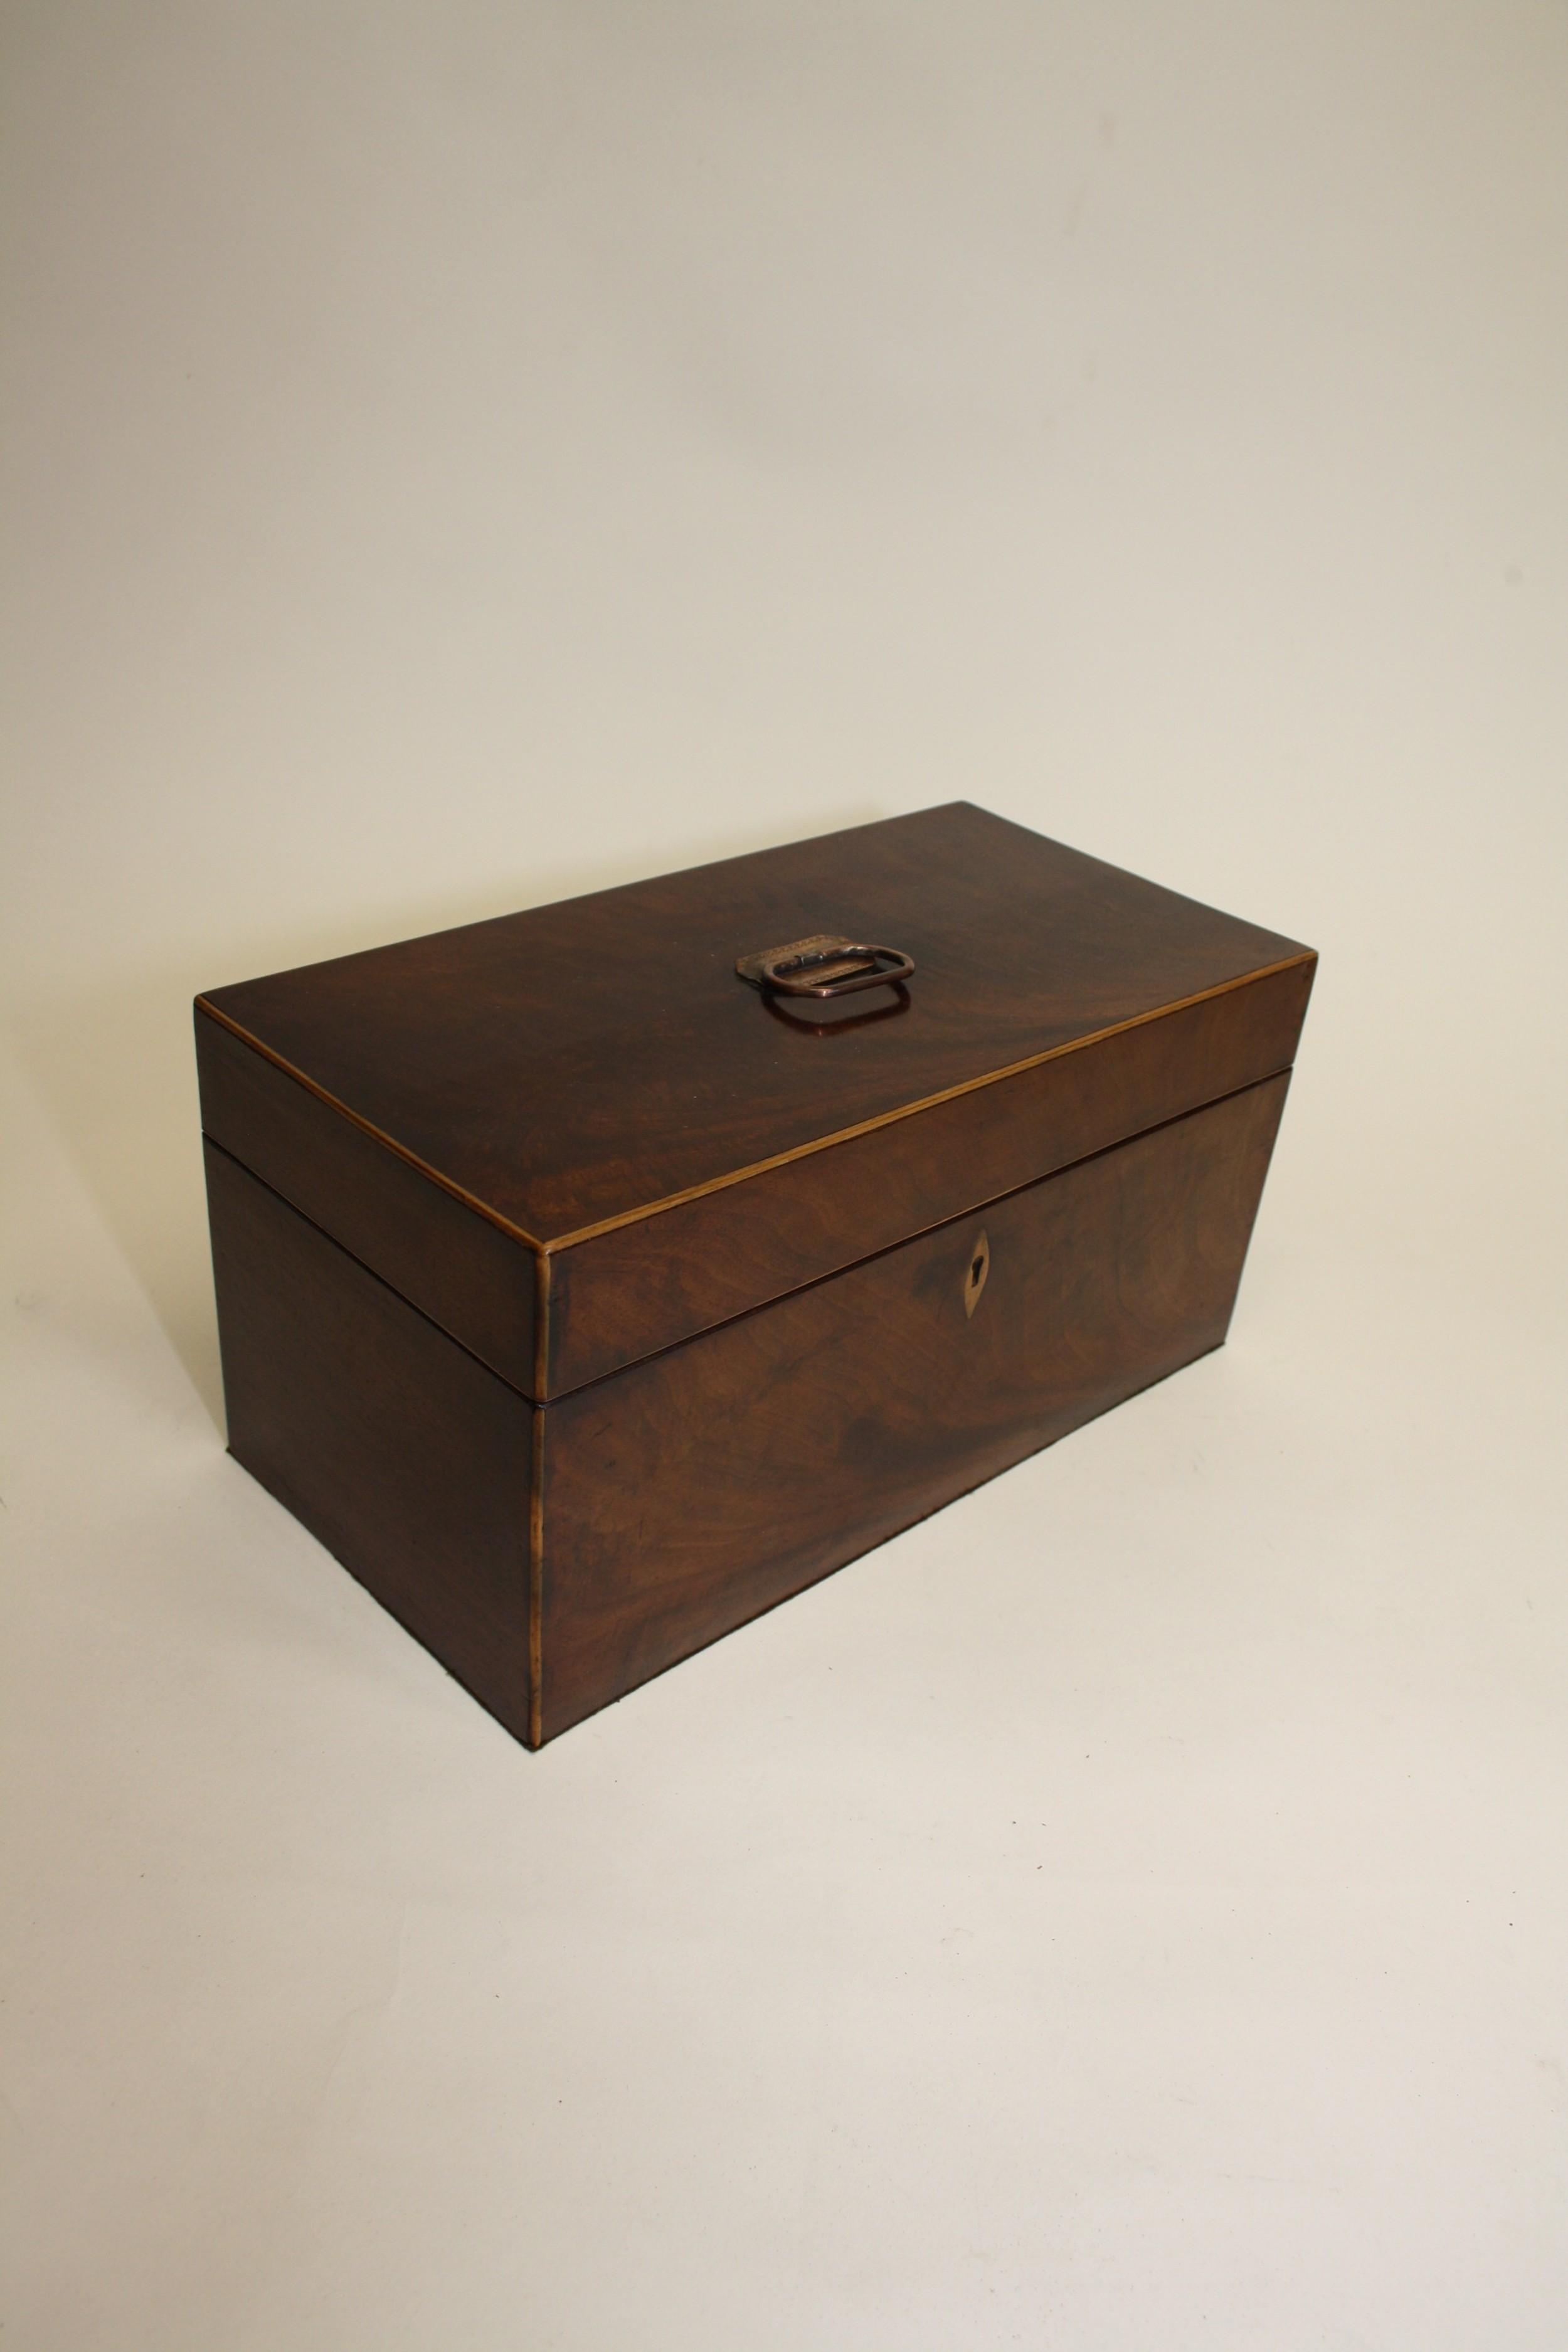 19th century mahogany tea caddy with bowl